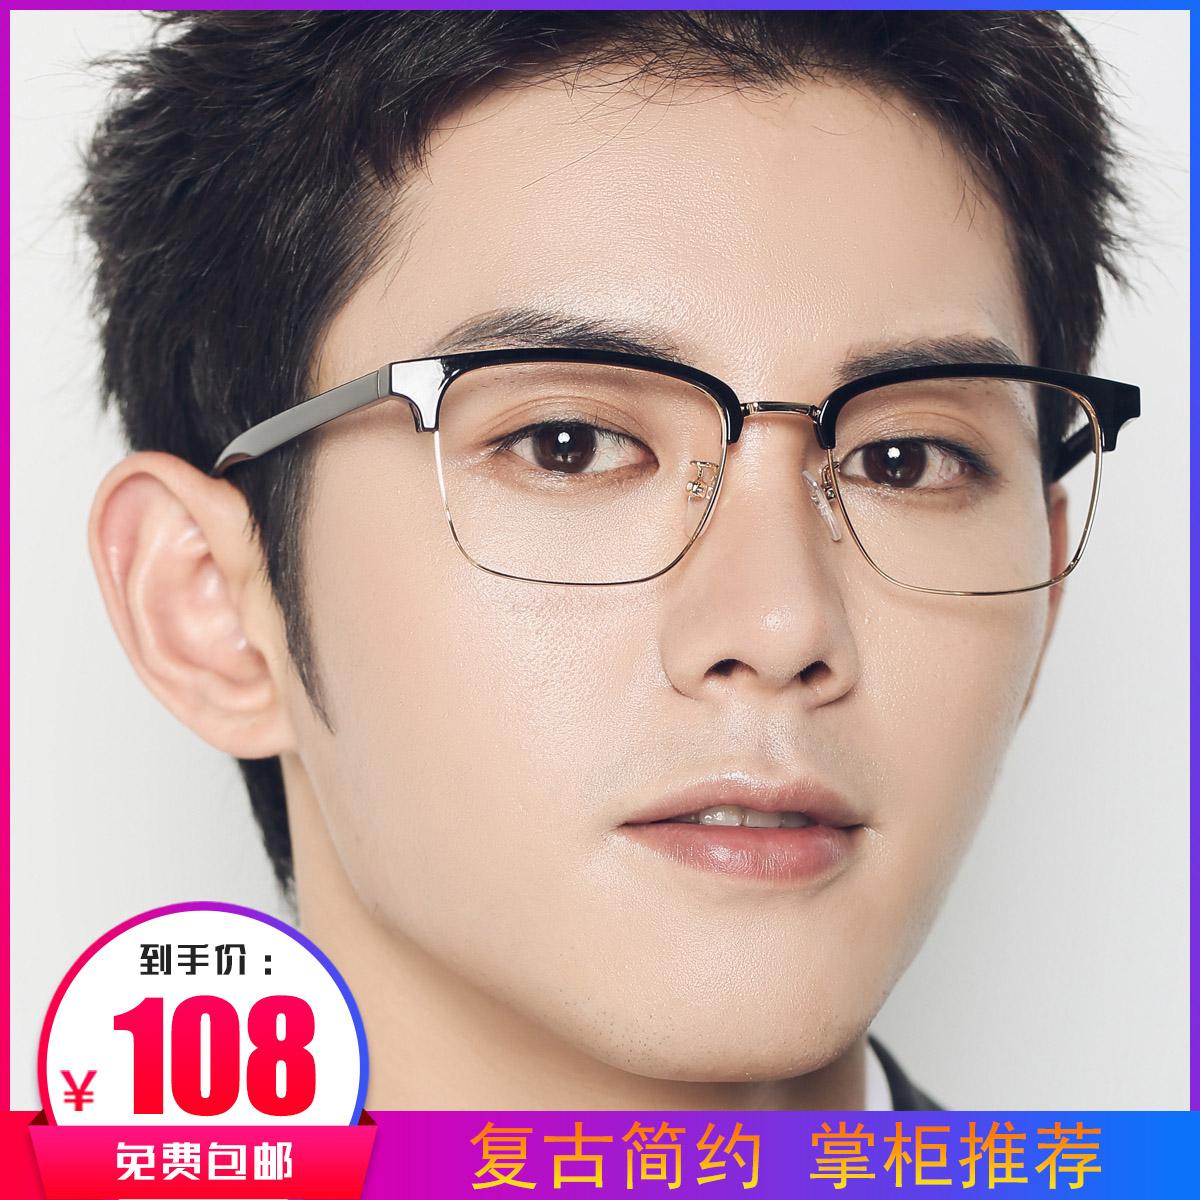 新款之谦同款眼镜全框复古眼镜架男大脸成配品近视眼镜防蓝光学生